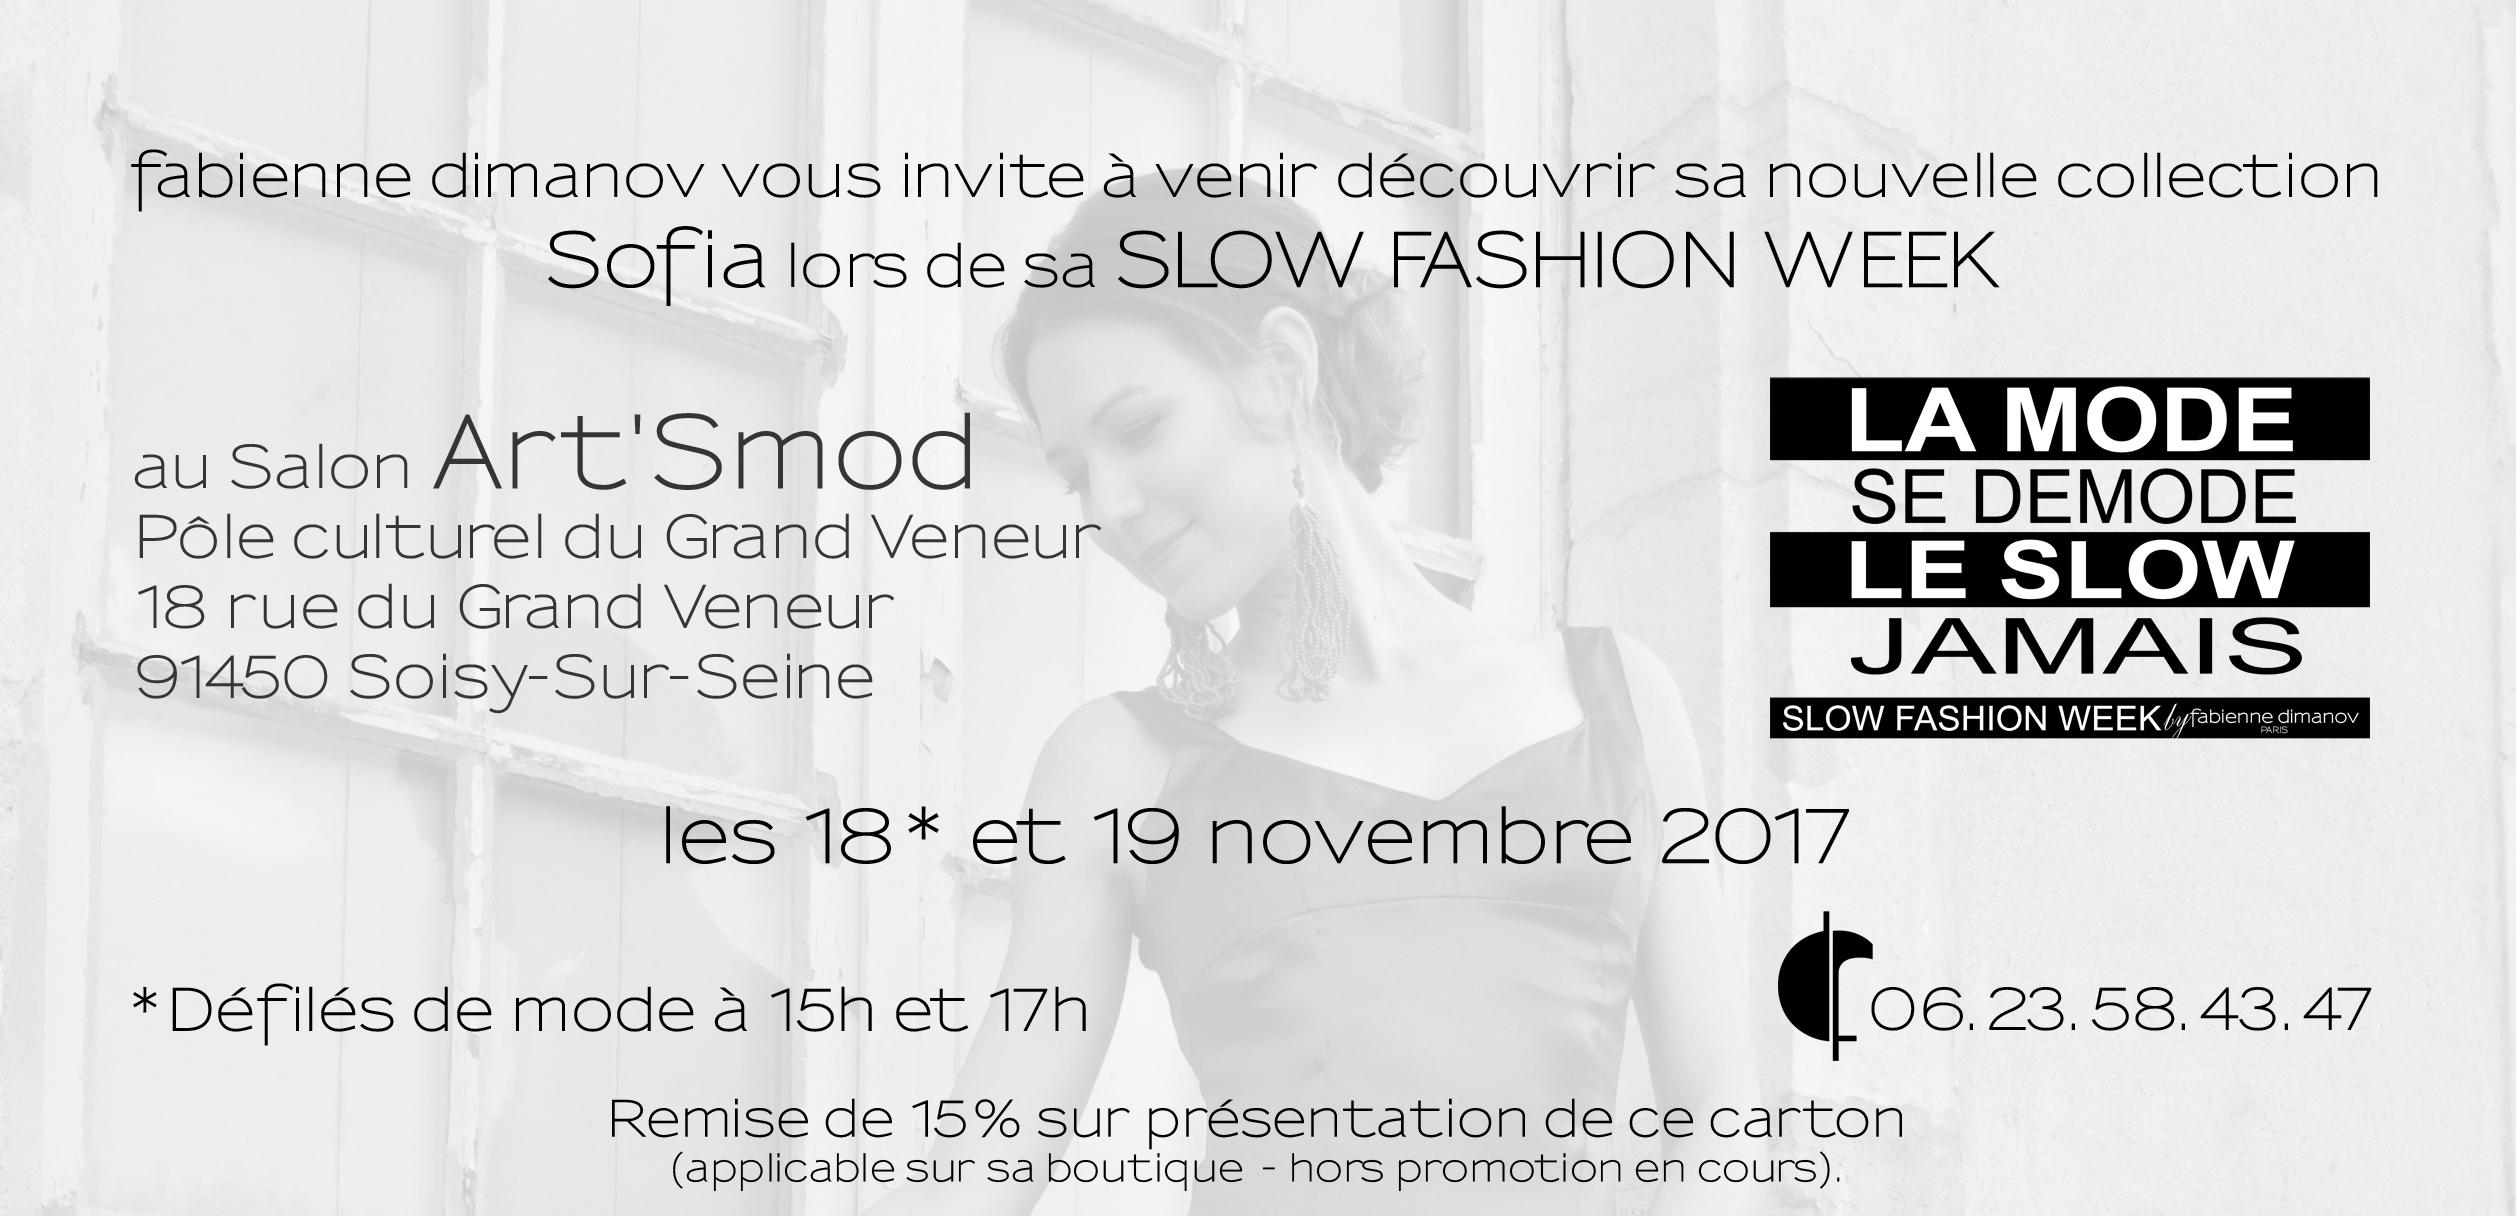 SLOWFASHIONWEEK- invitation - Fabienne Dimanov Paris